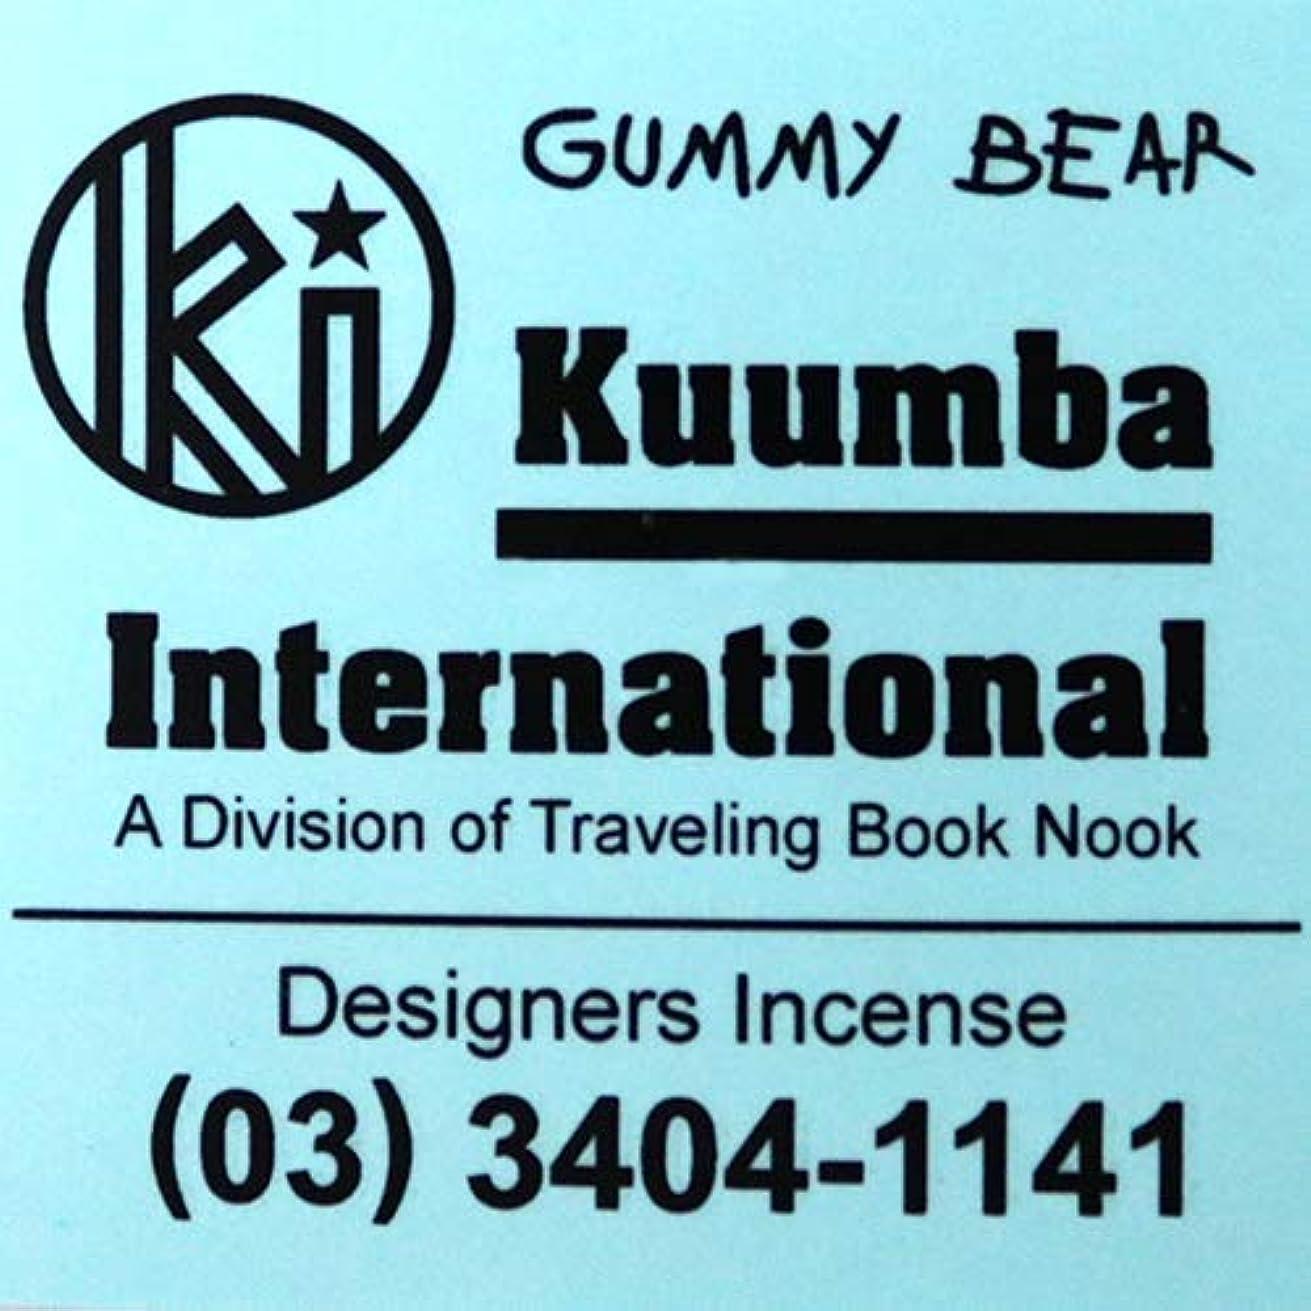 バインド挽くサイト(クンバ) KUUMBA『incense』(GUMMY BEAR) (GUMMY BEAR, Regular size)